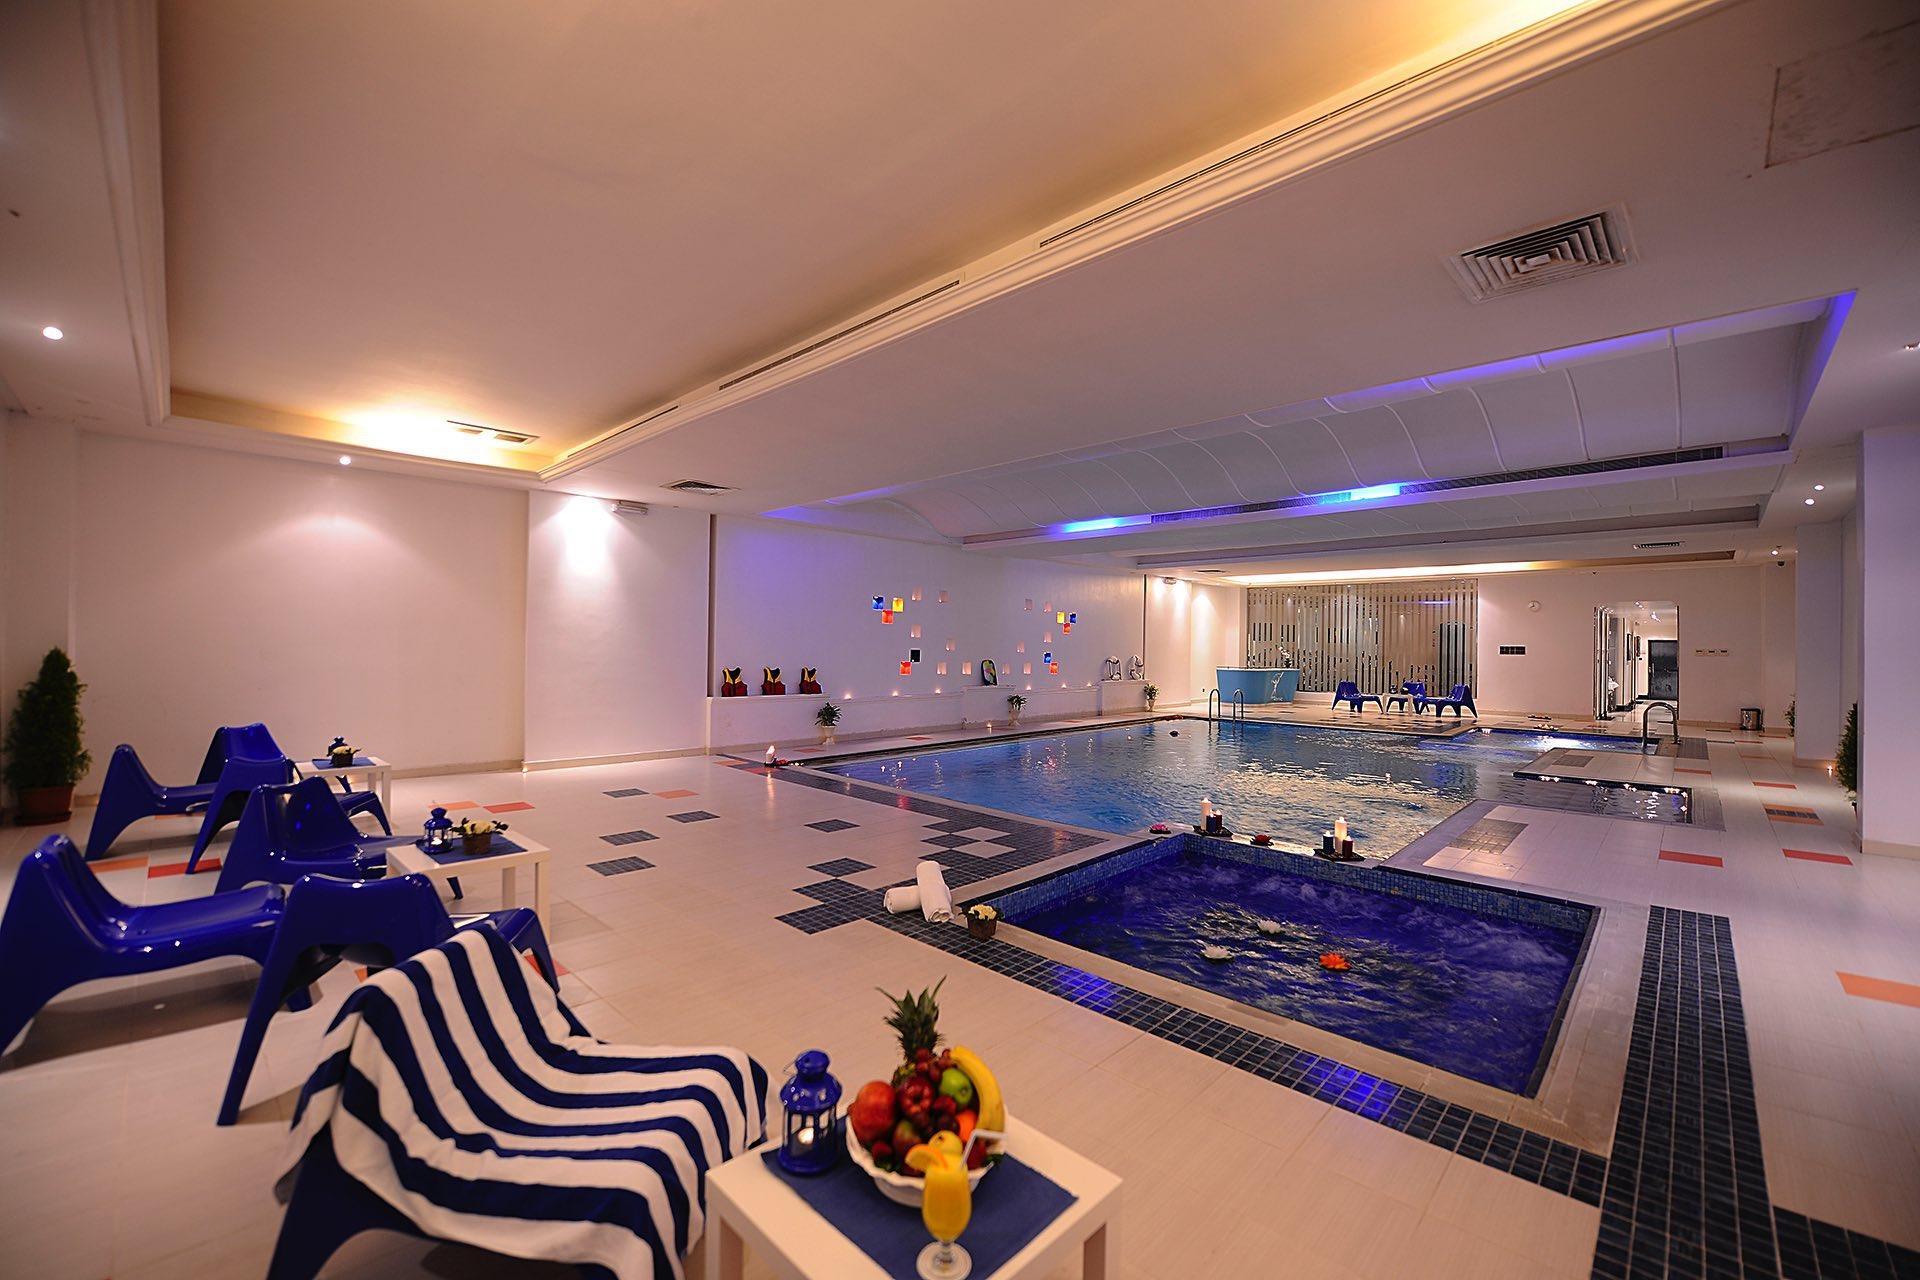 Pool Jacuzzi Angle at Al Hamra Palace by Warwick